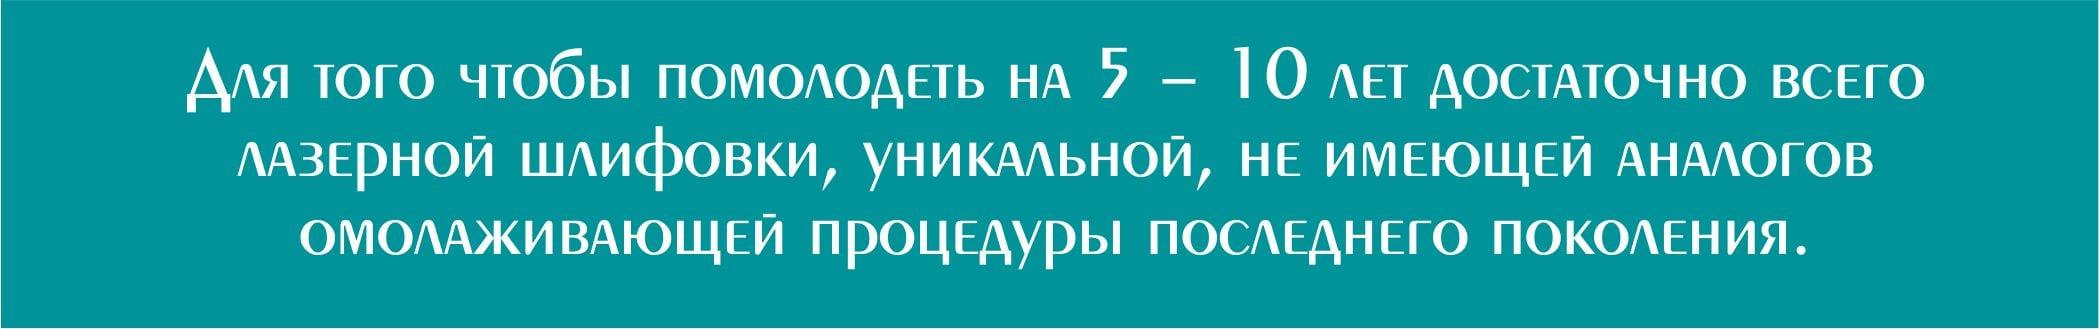 лазерная шлифовка лица_03